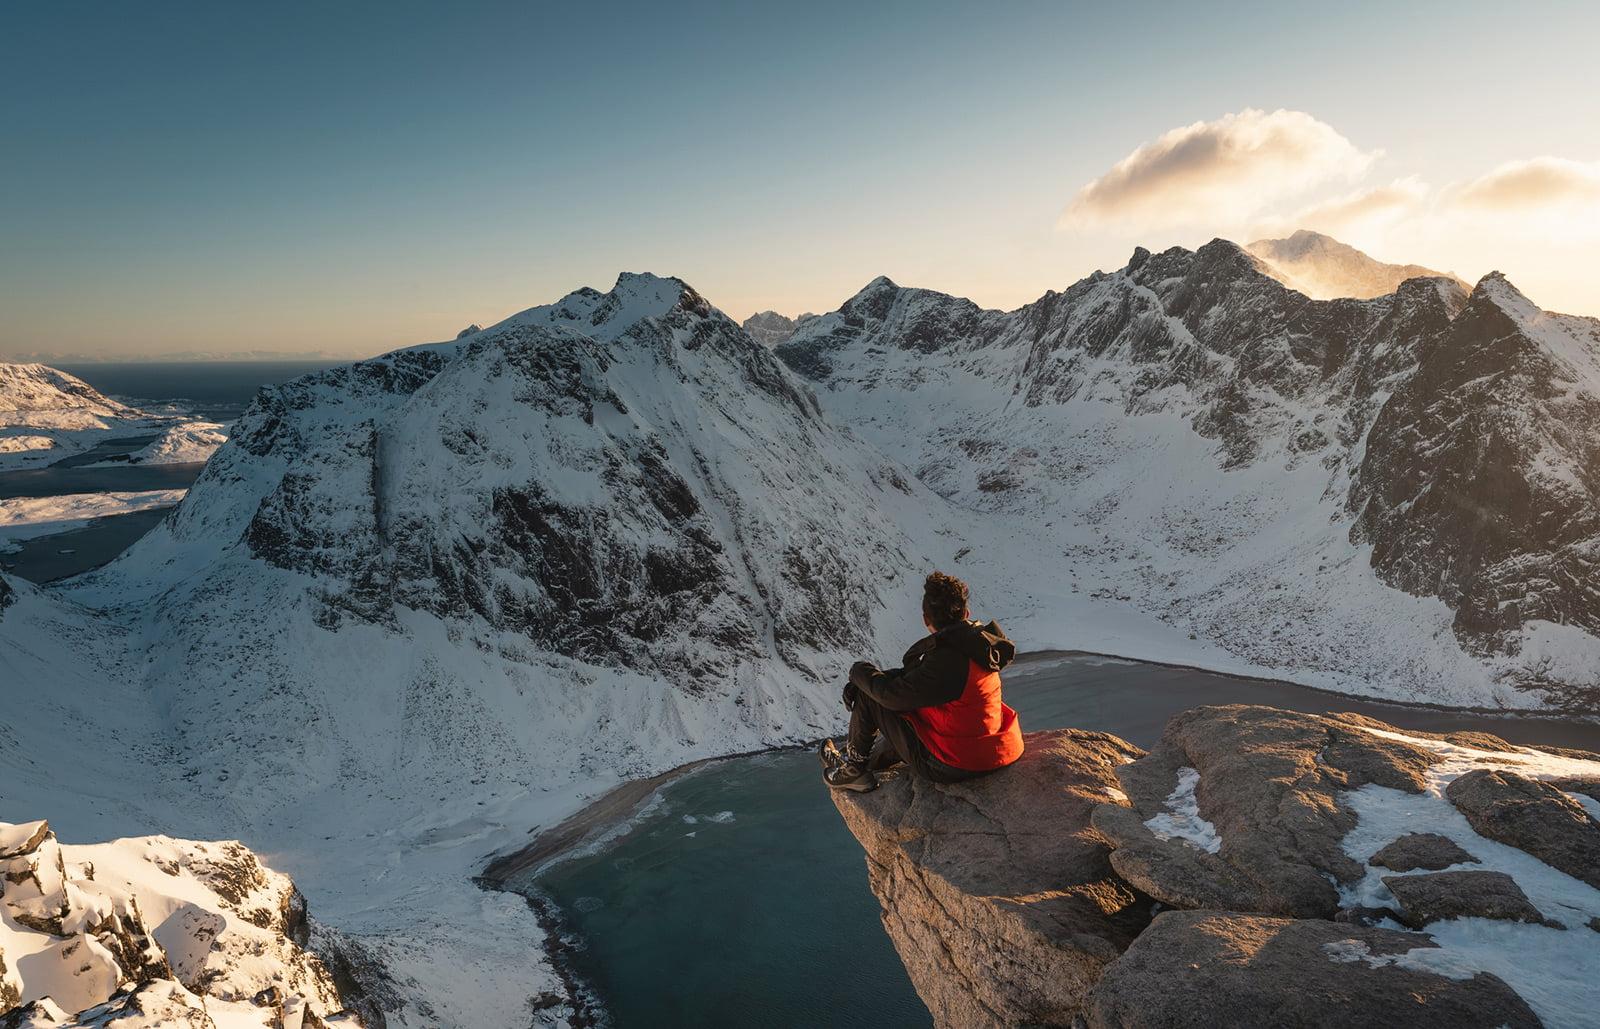 A Norwegian hiker in Northern Norway